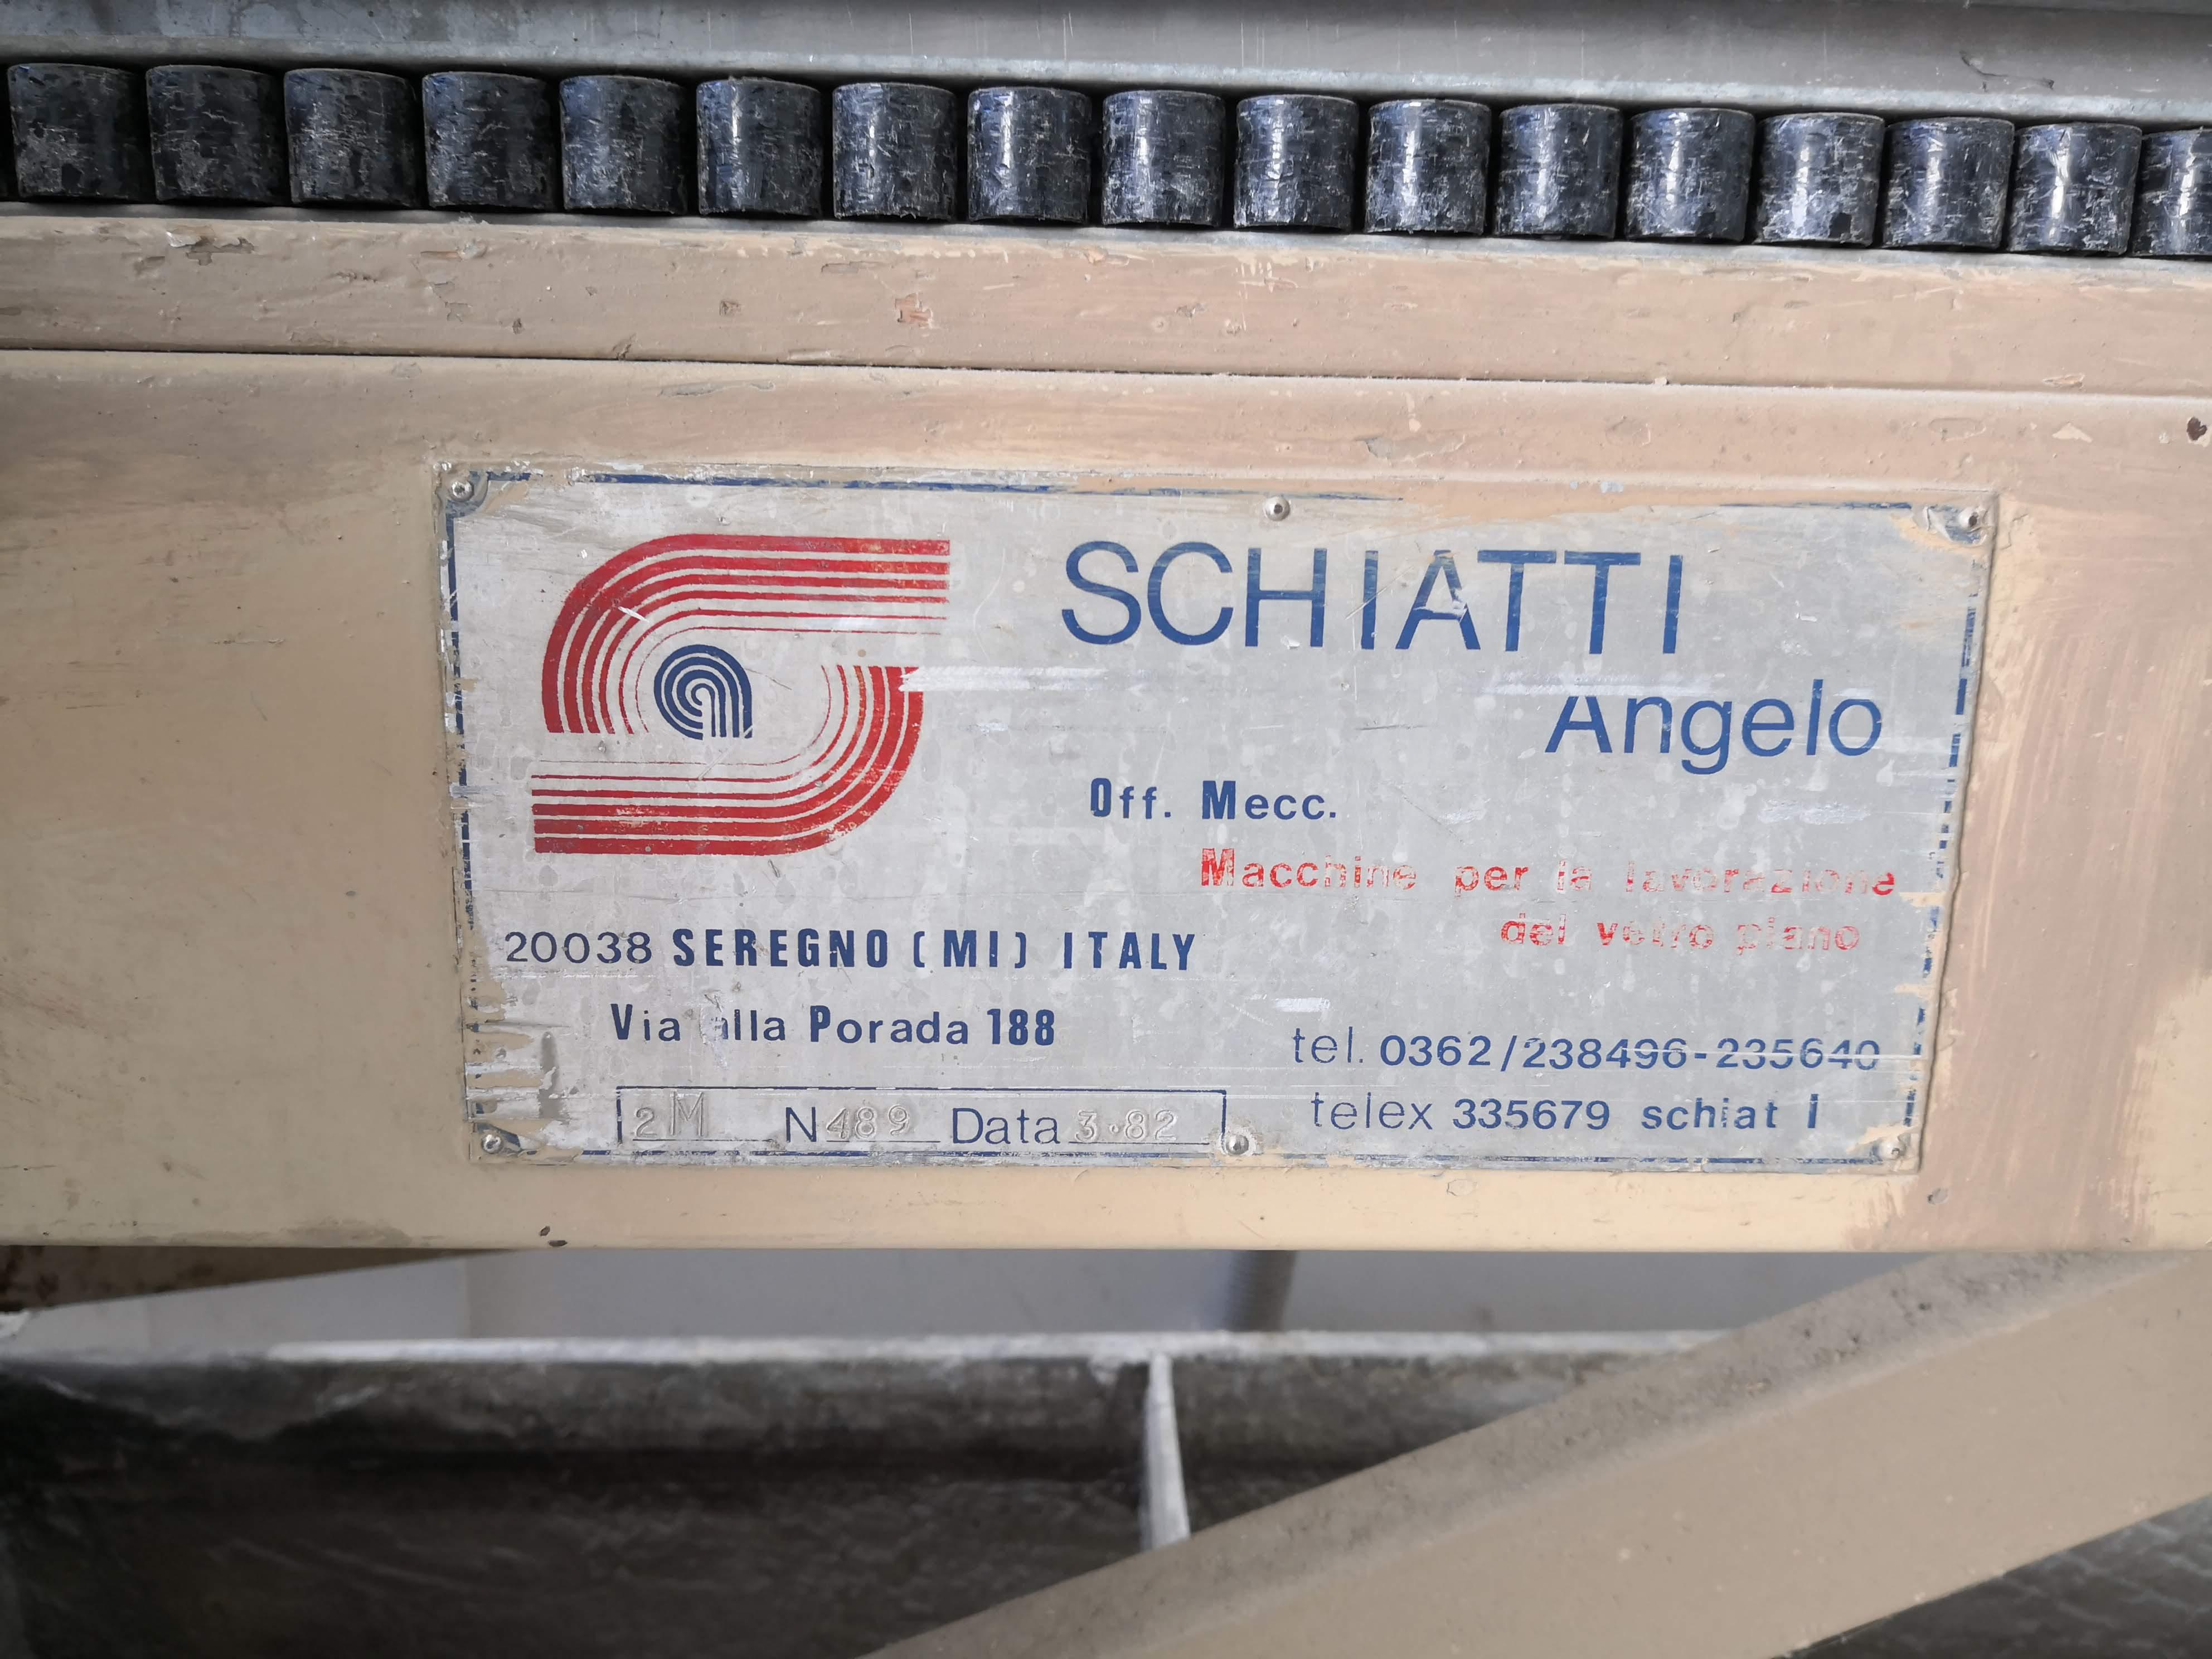 Macchina Molatrice Rettilinea in vendita - foto 3